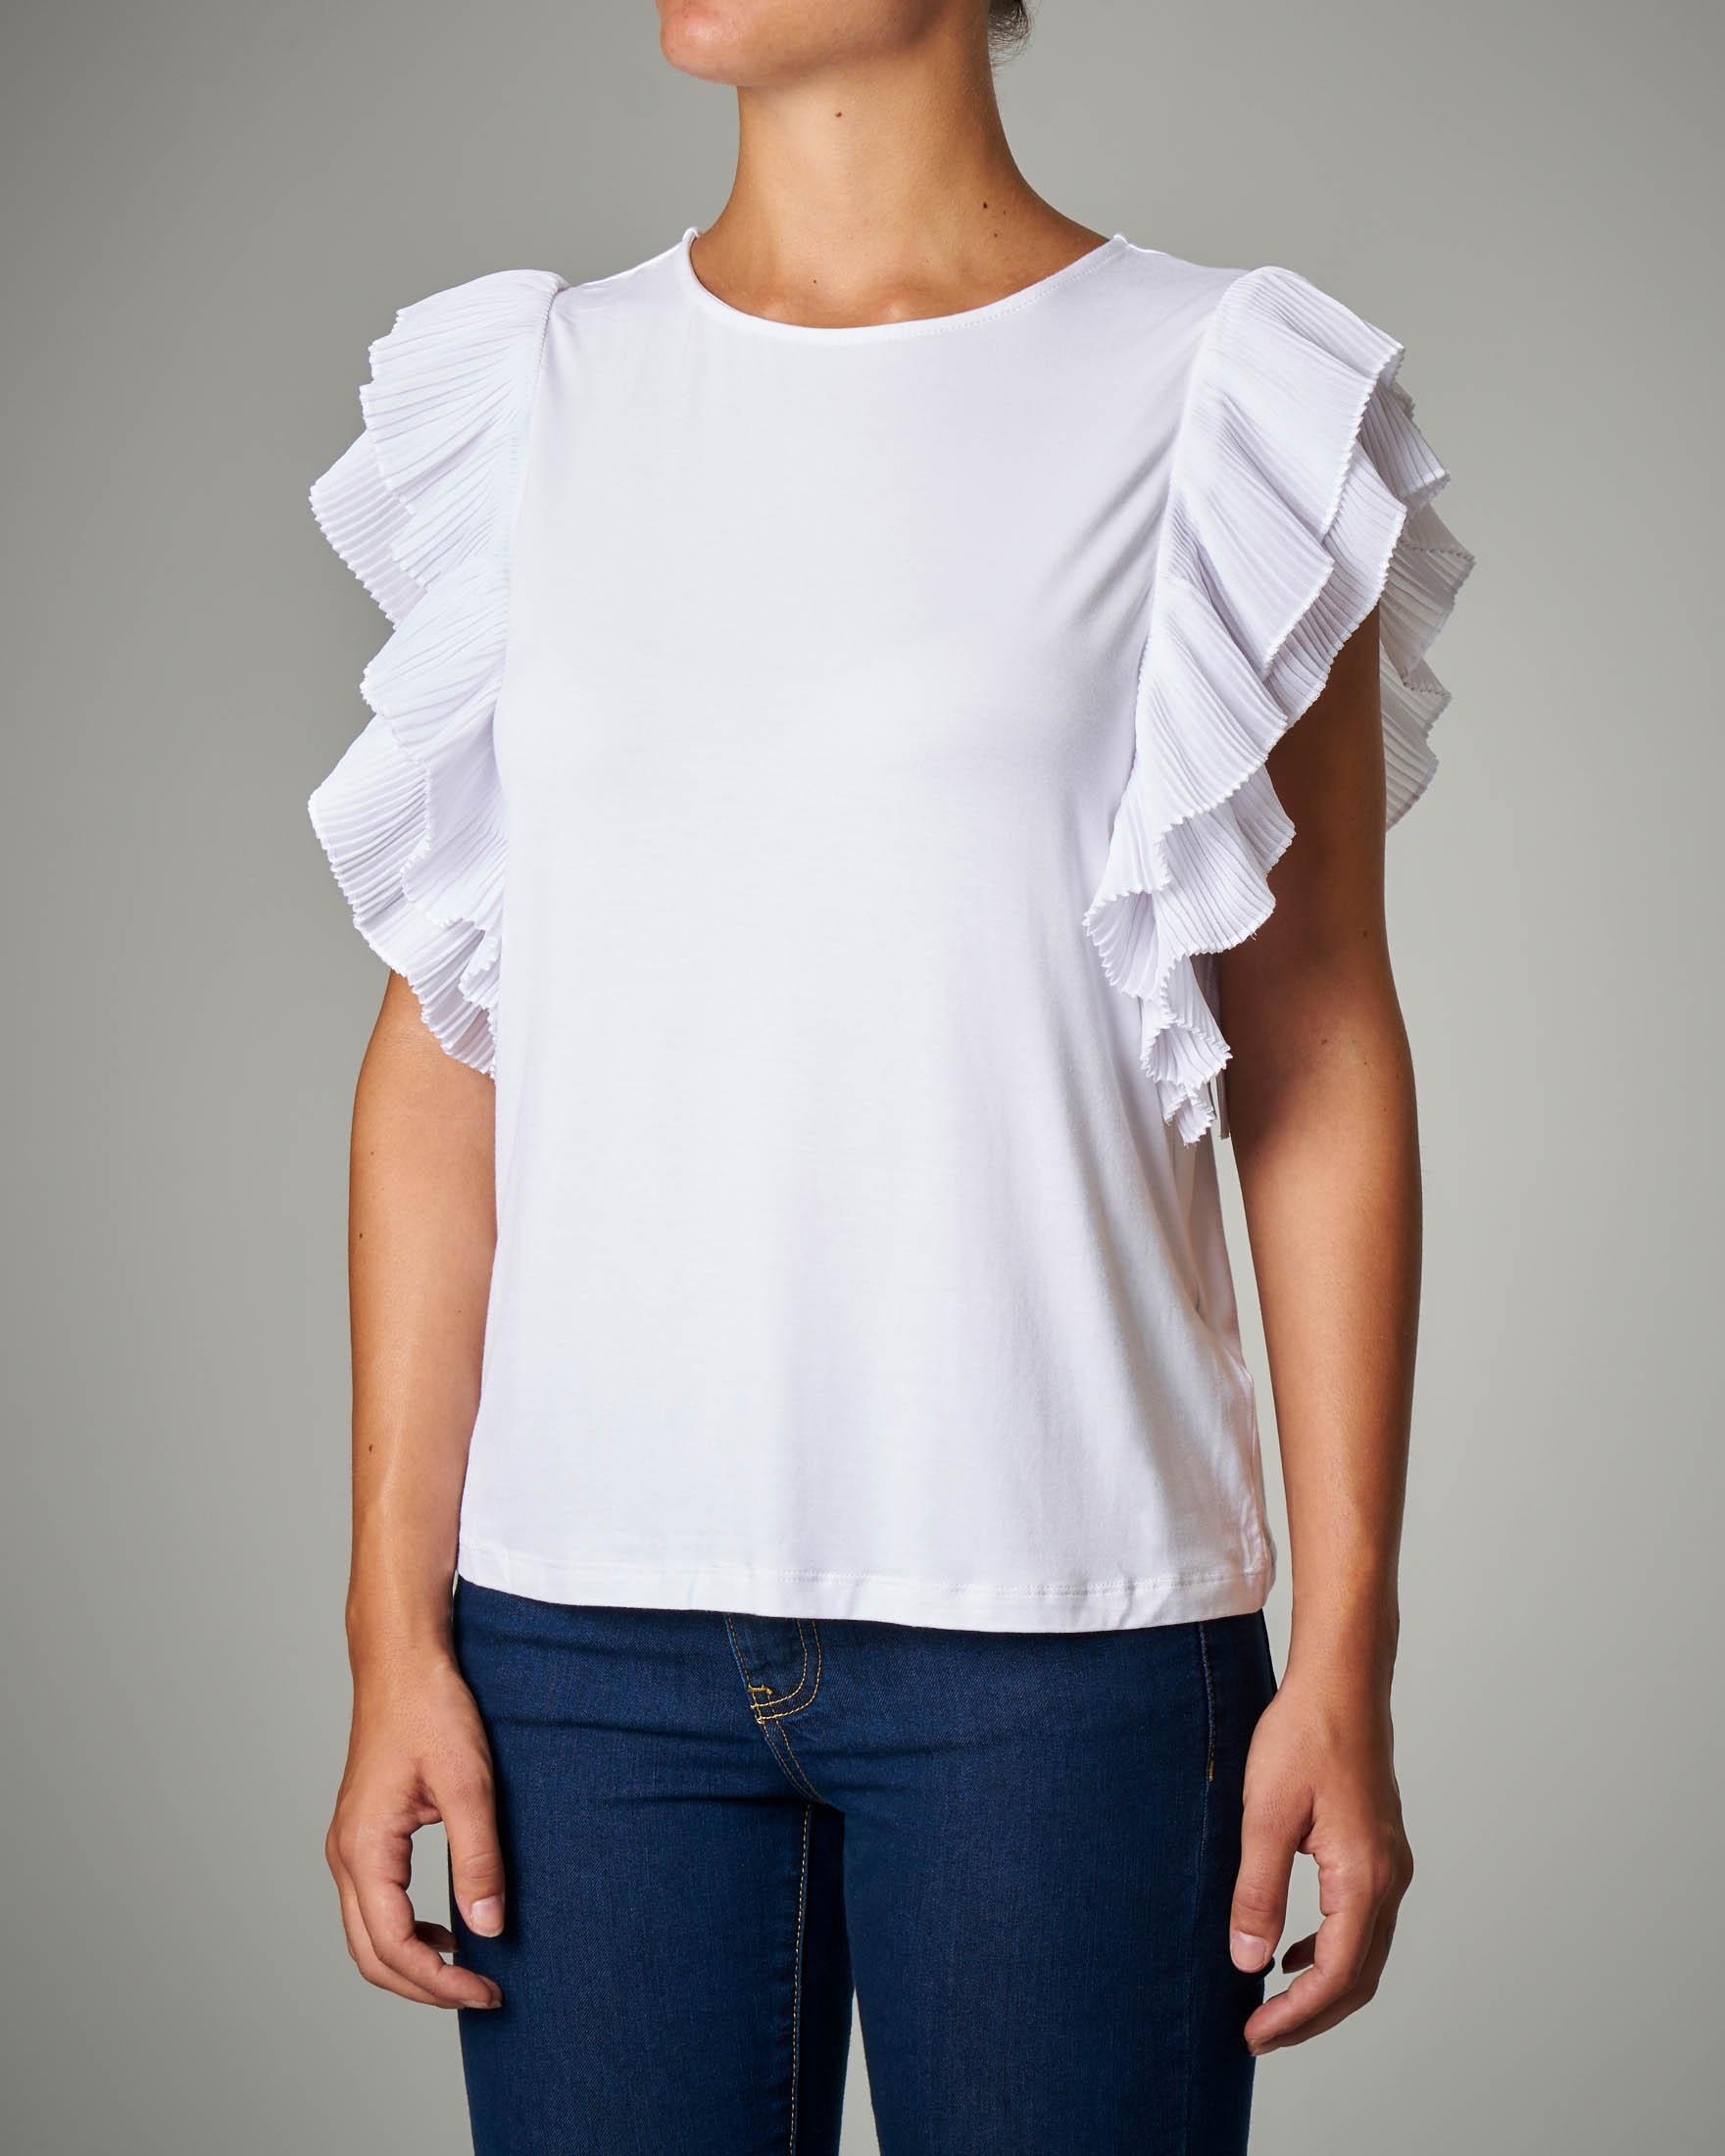 T-shirt in viscosa bianca con maniche ad aletta